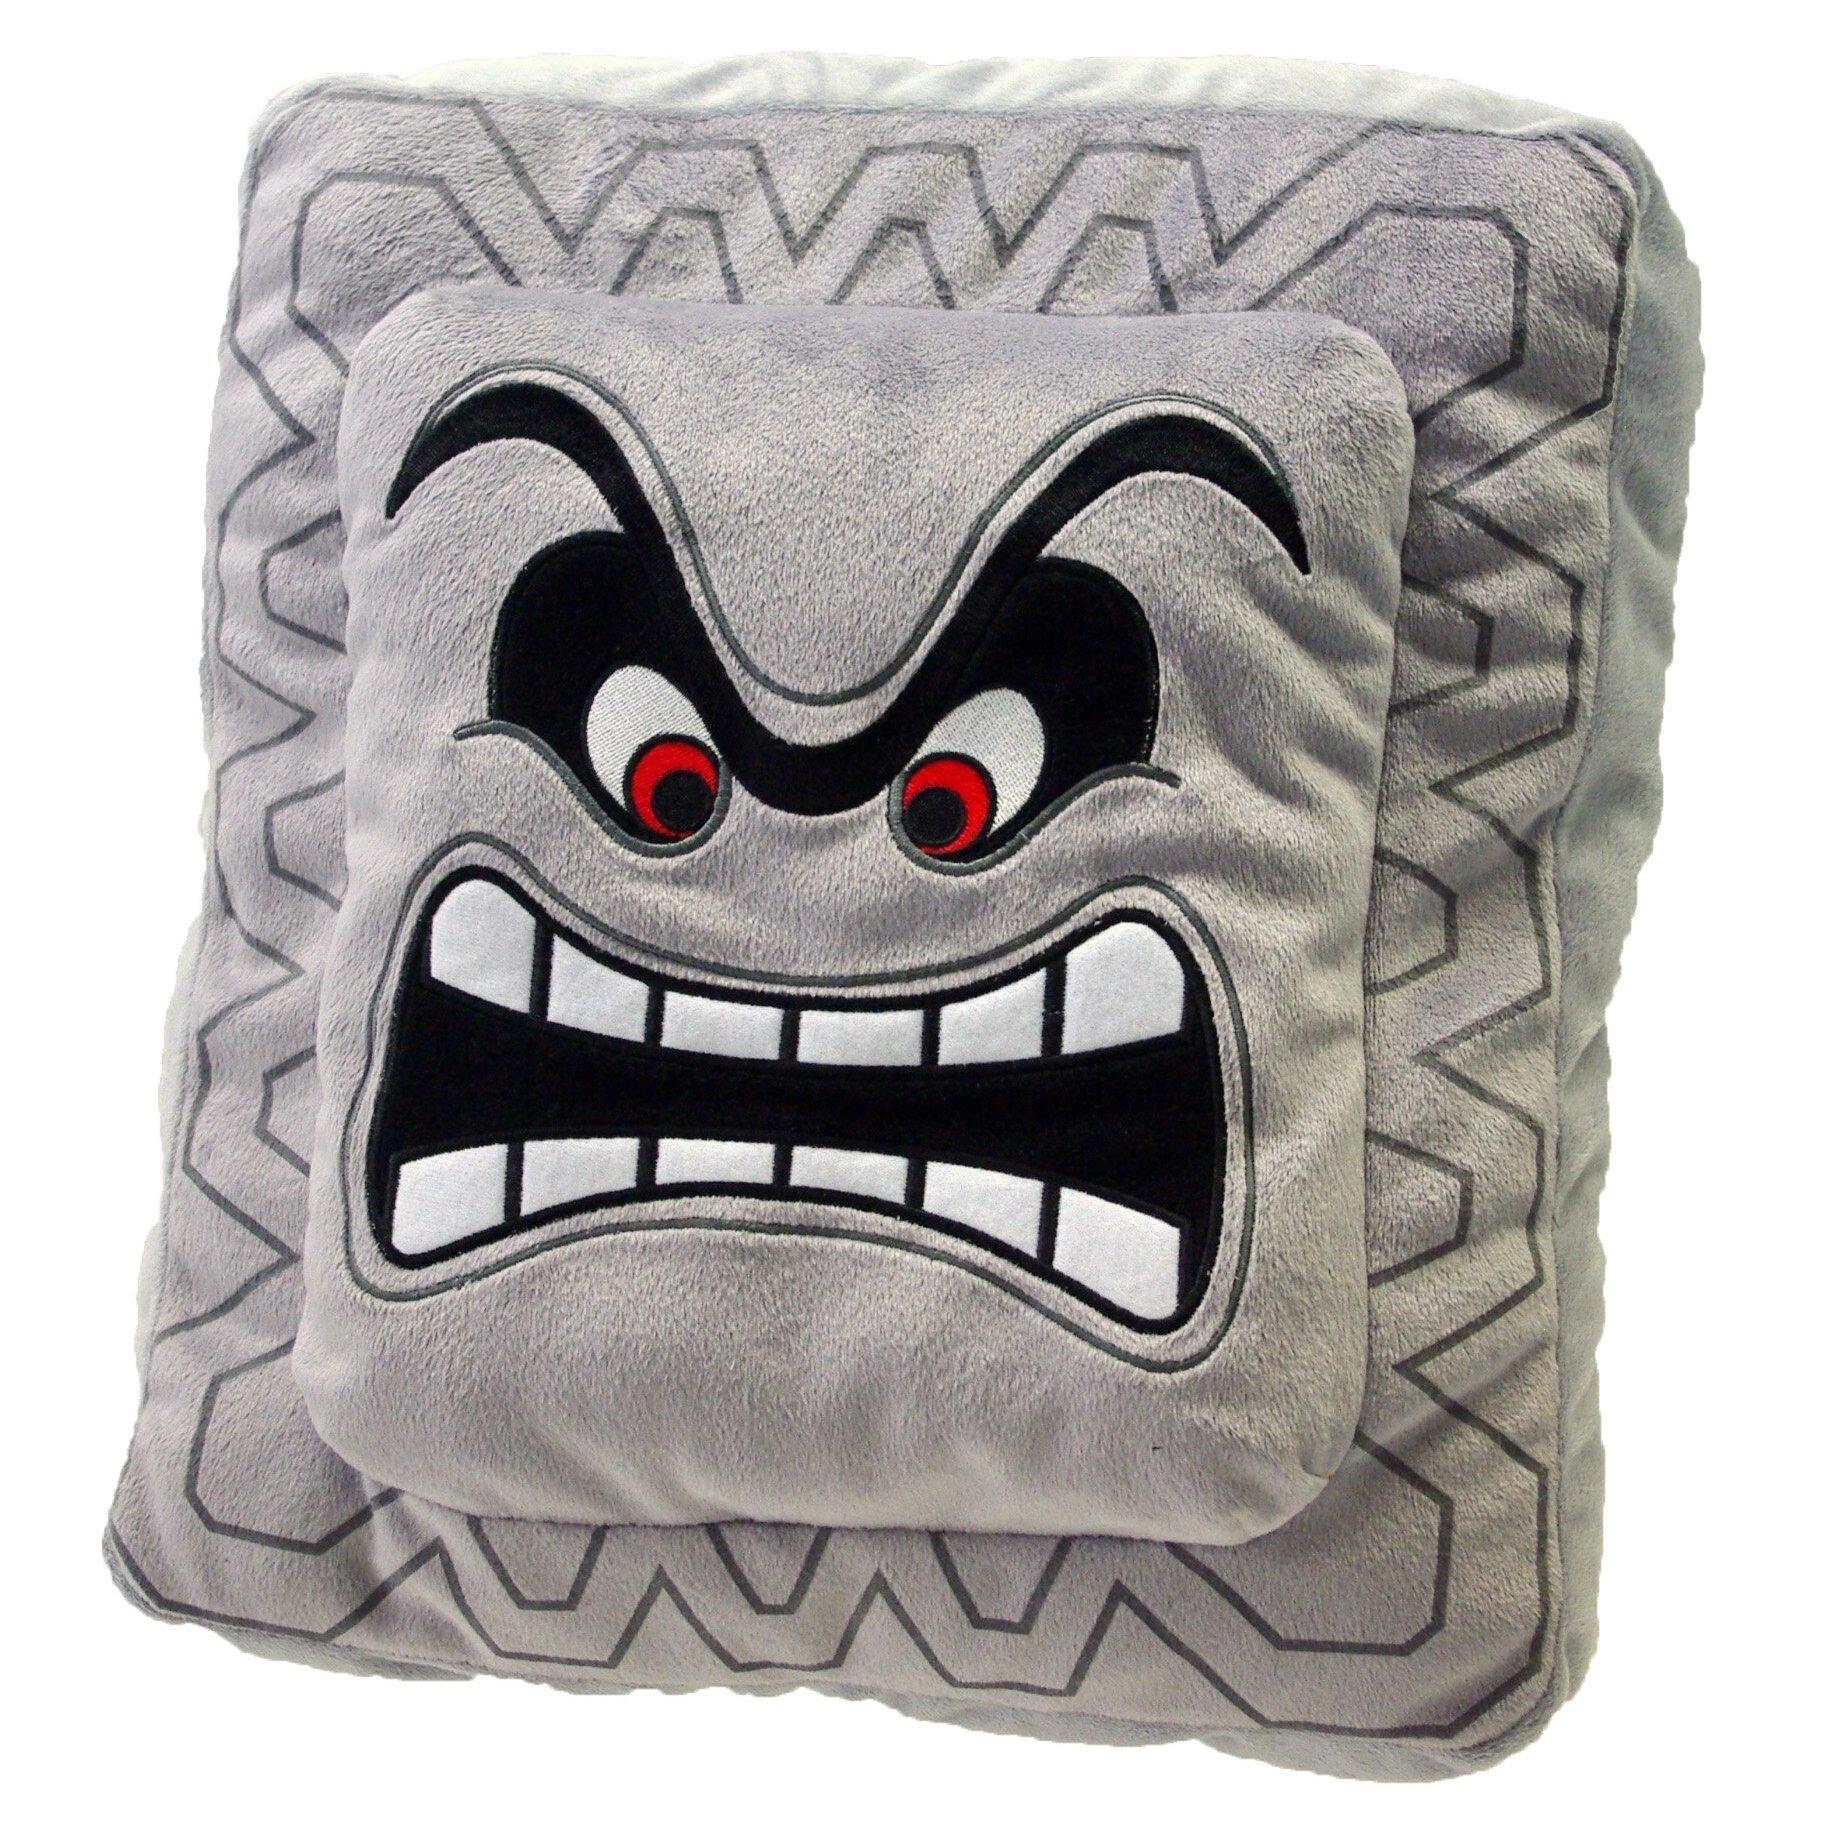 Thwomp Official Super Mario Cushion Plush (1)